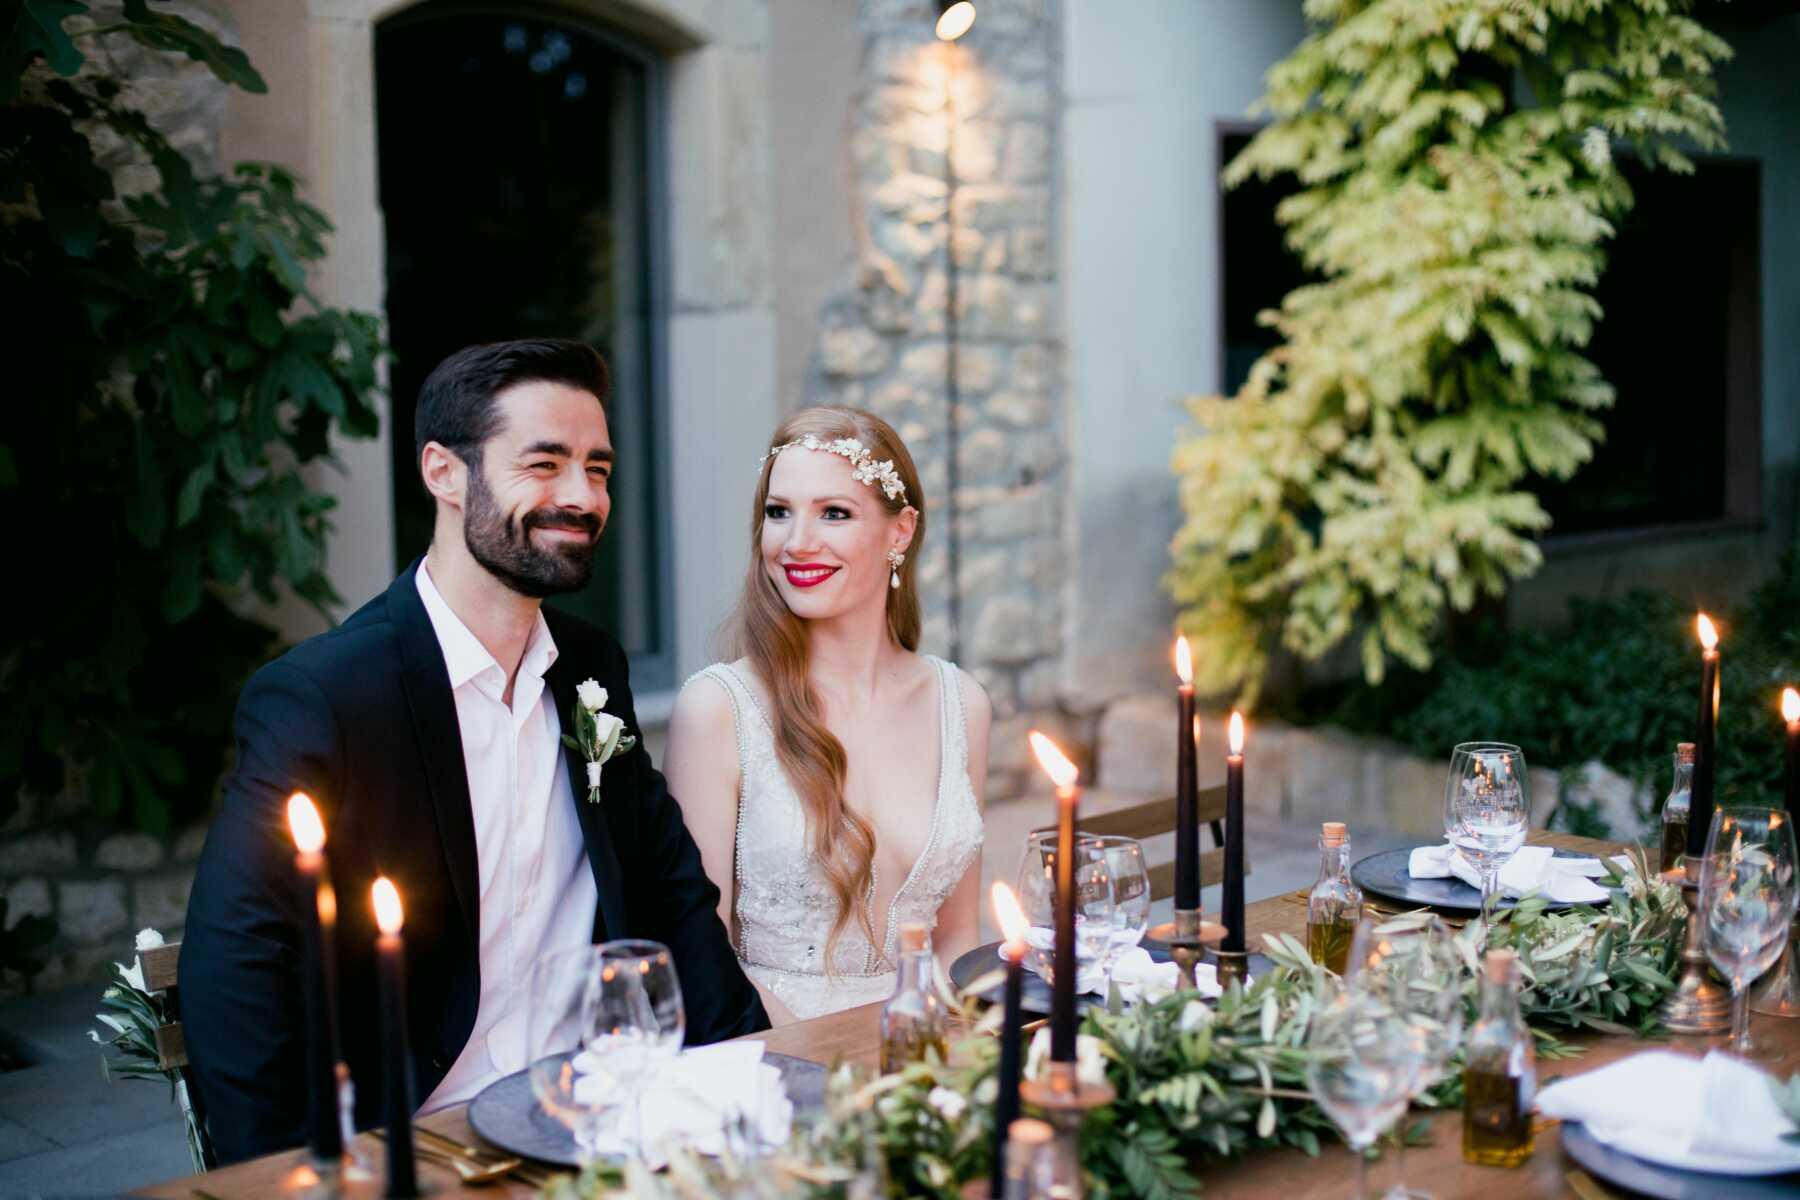 Wedding_WeingutHahn_juliawalterfotografie-300